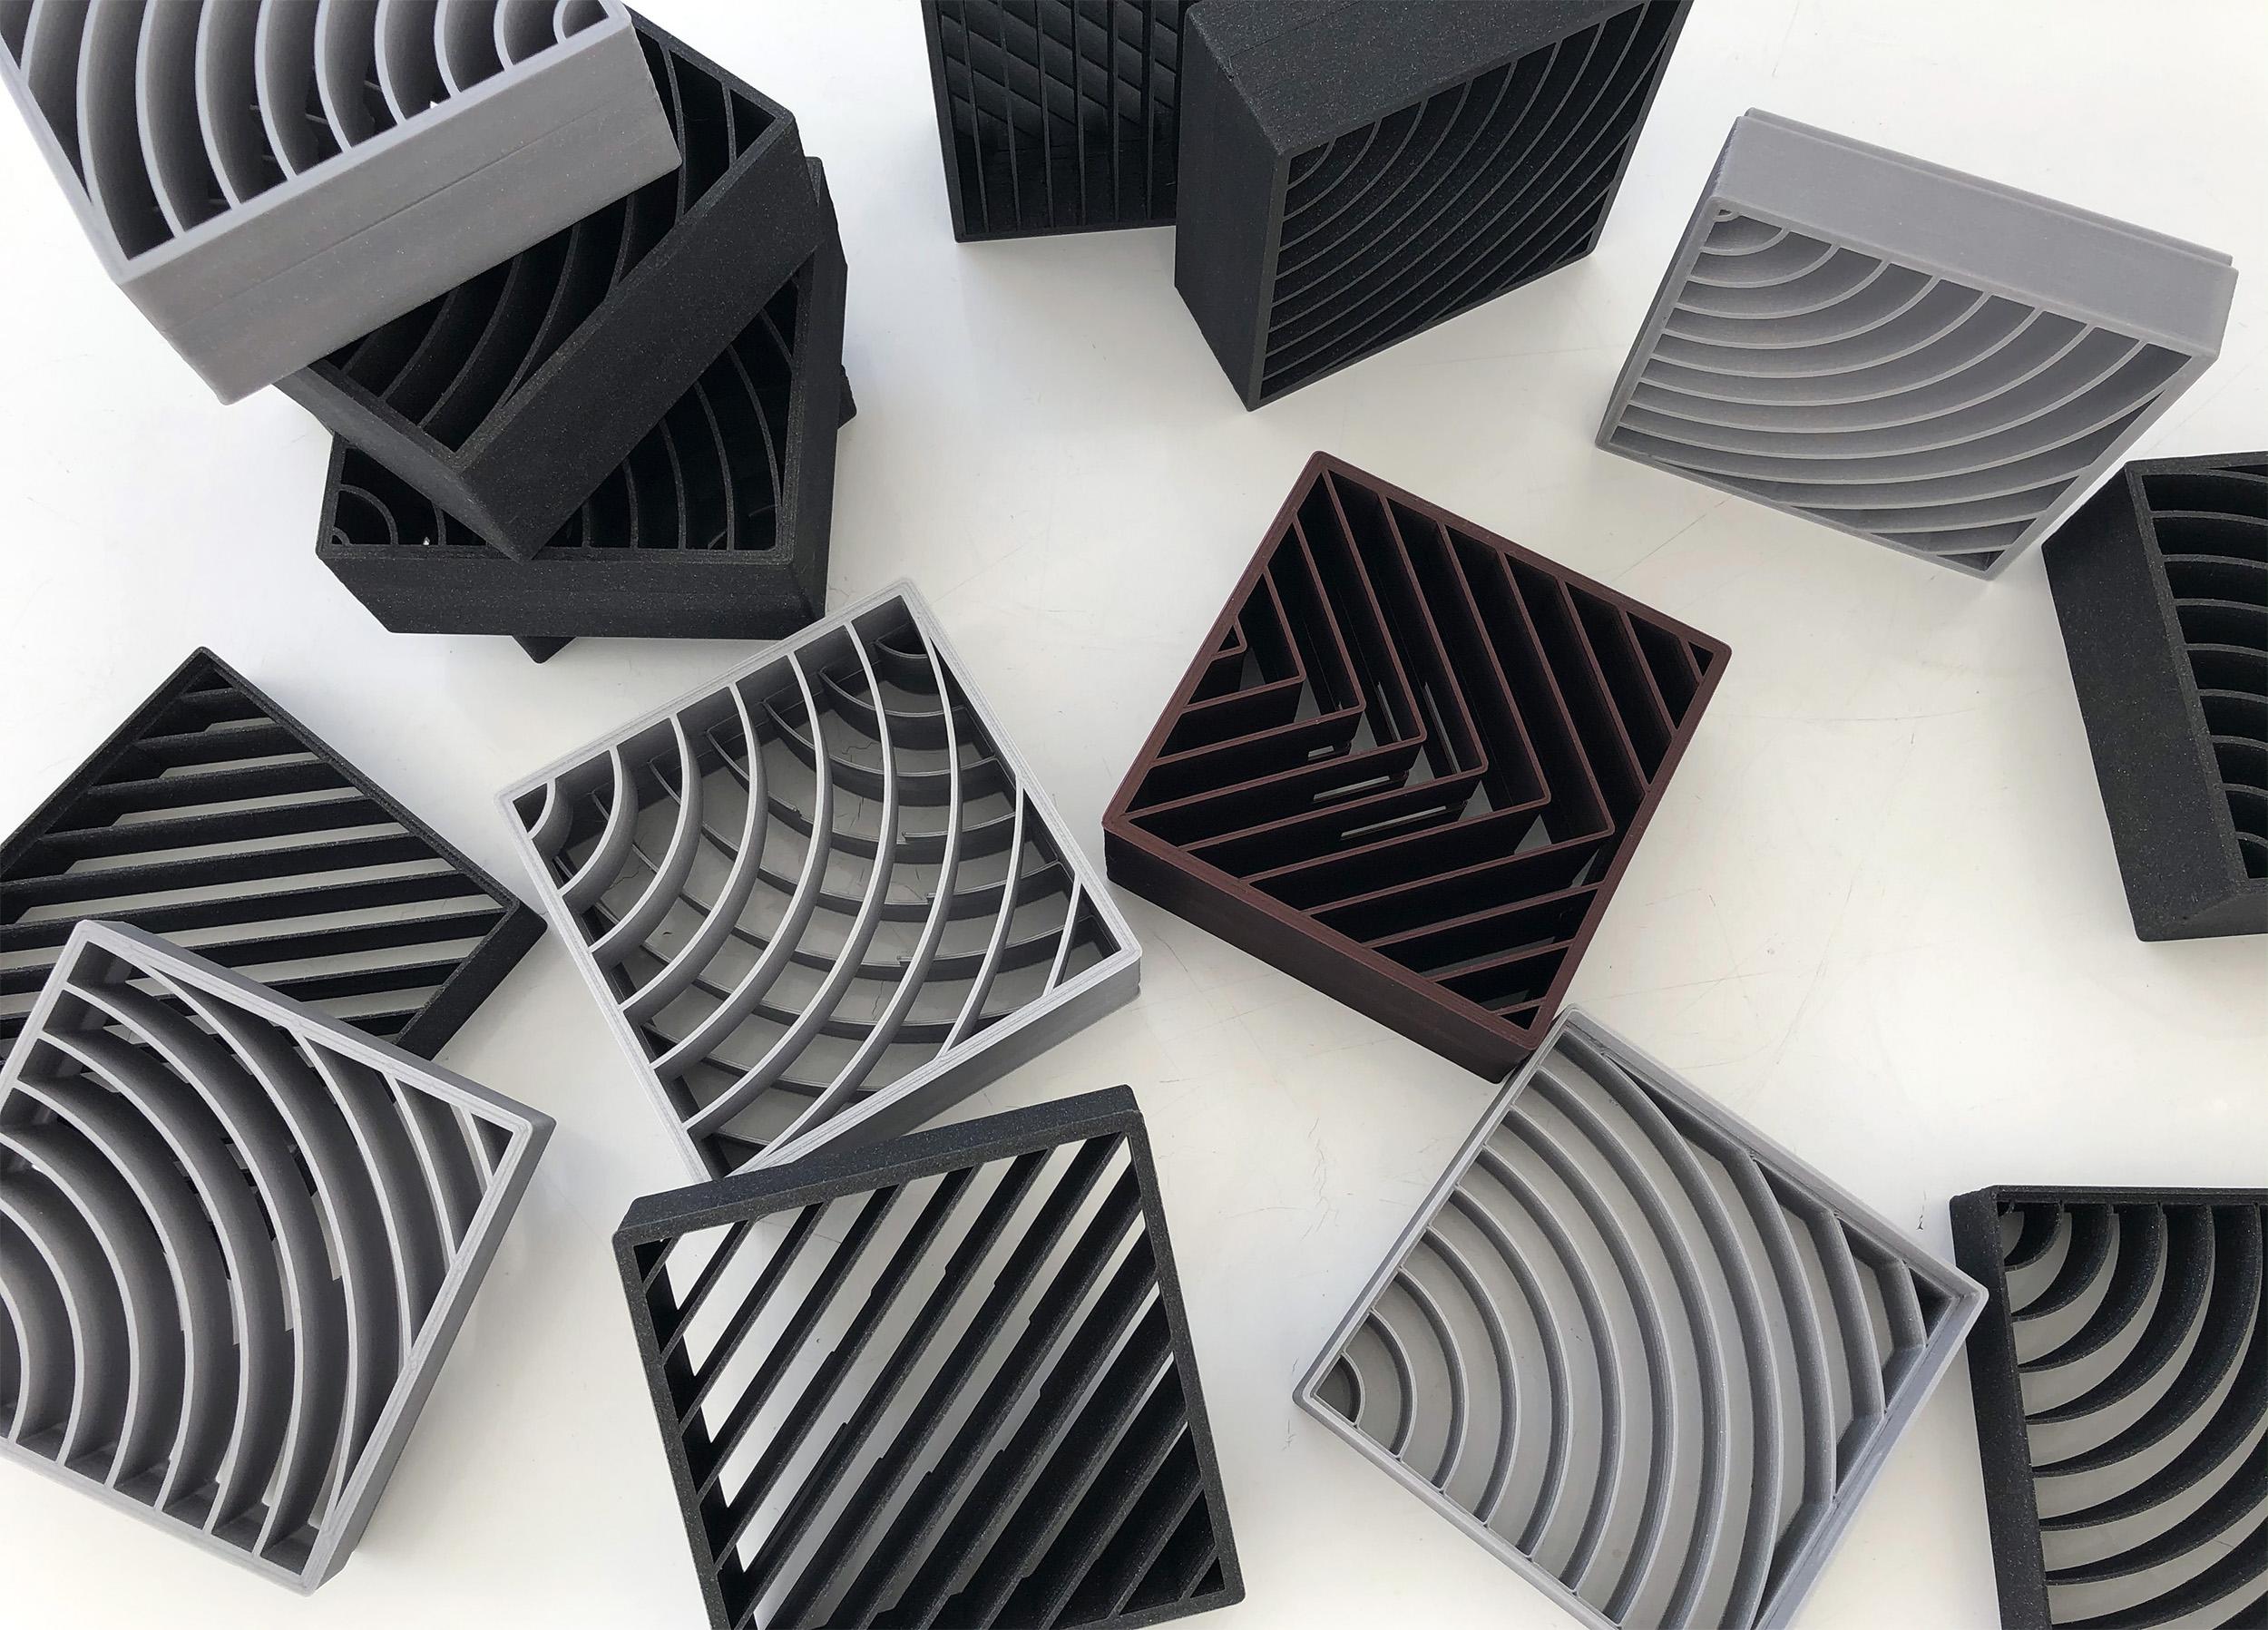 ETUE 3D prints